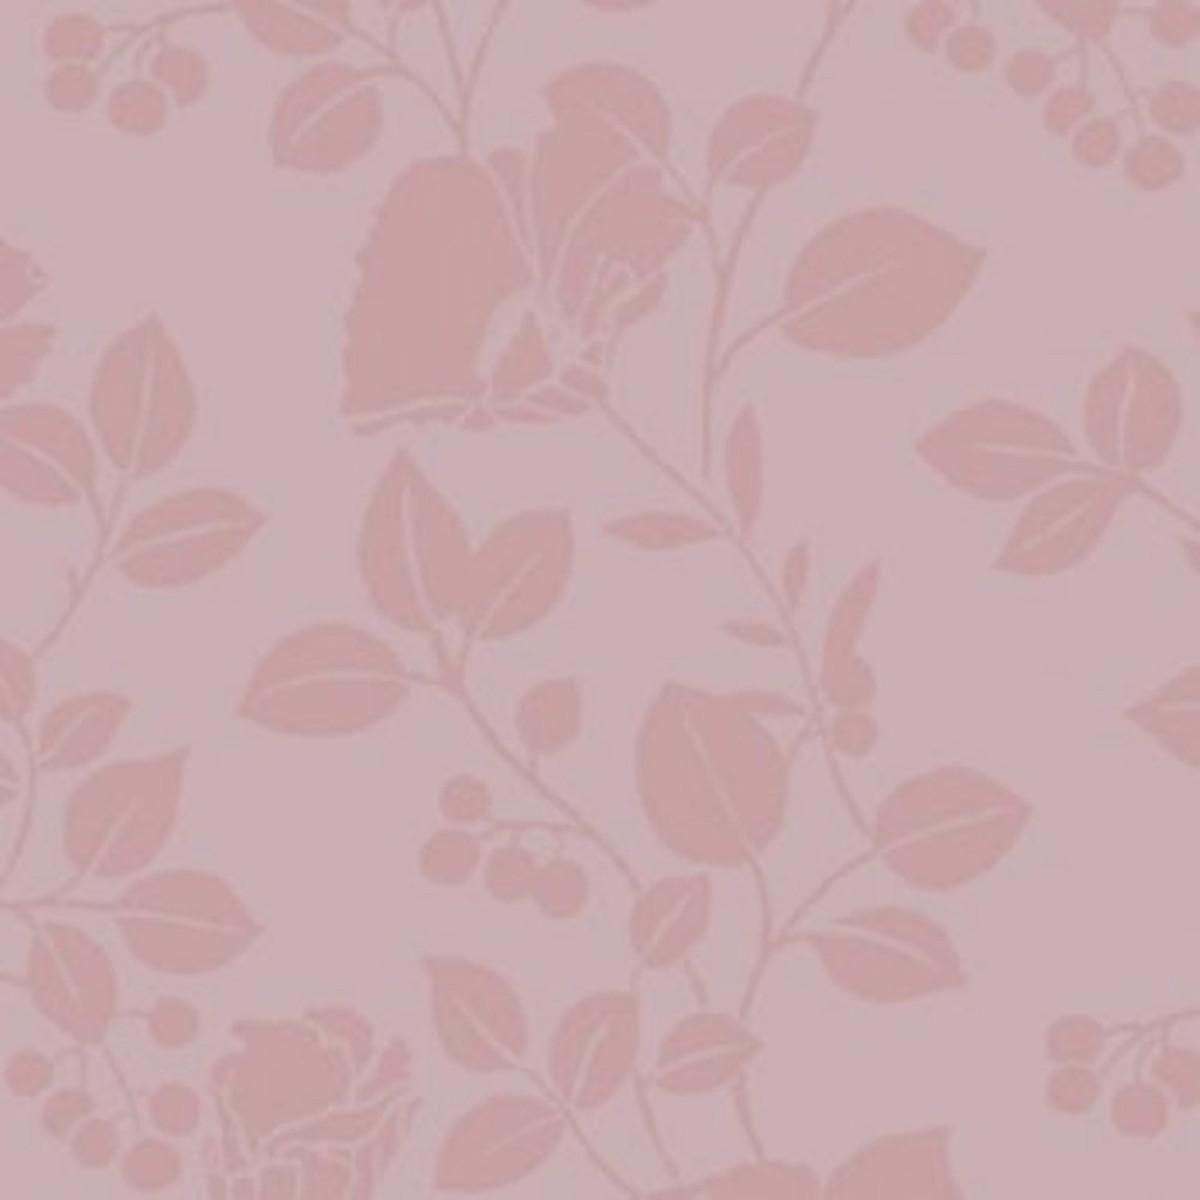 Обои виниловые Aura Silk Collection I розовые 0.53 м SL27573